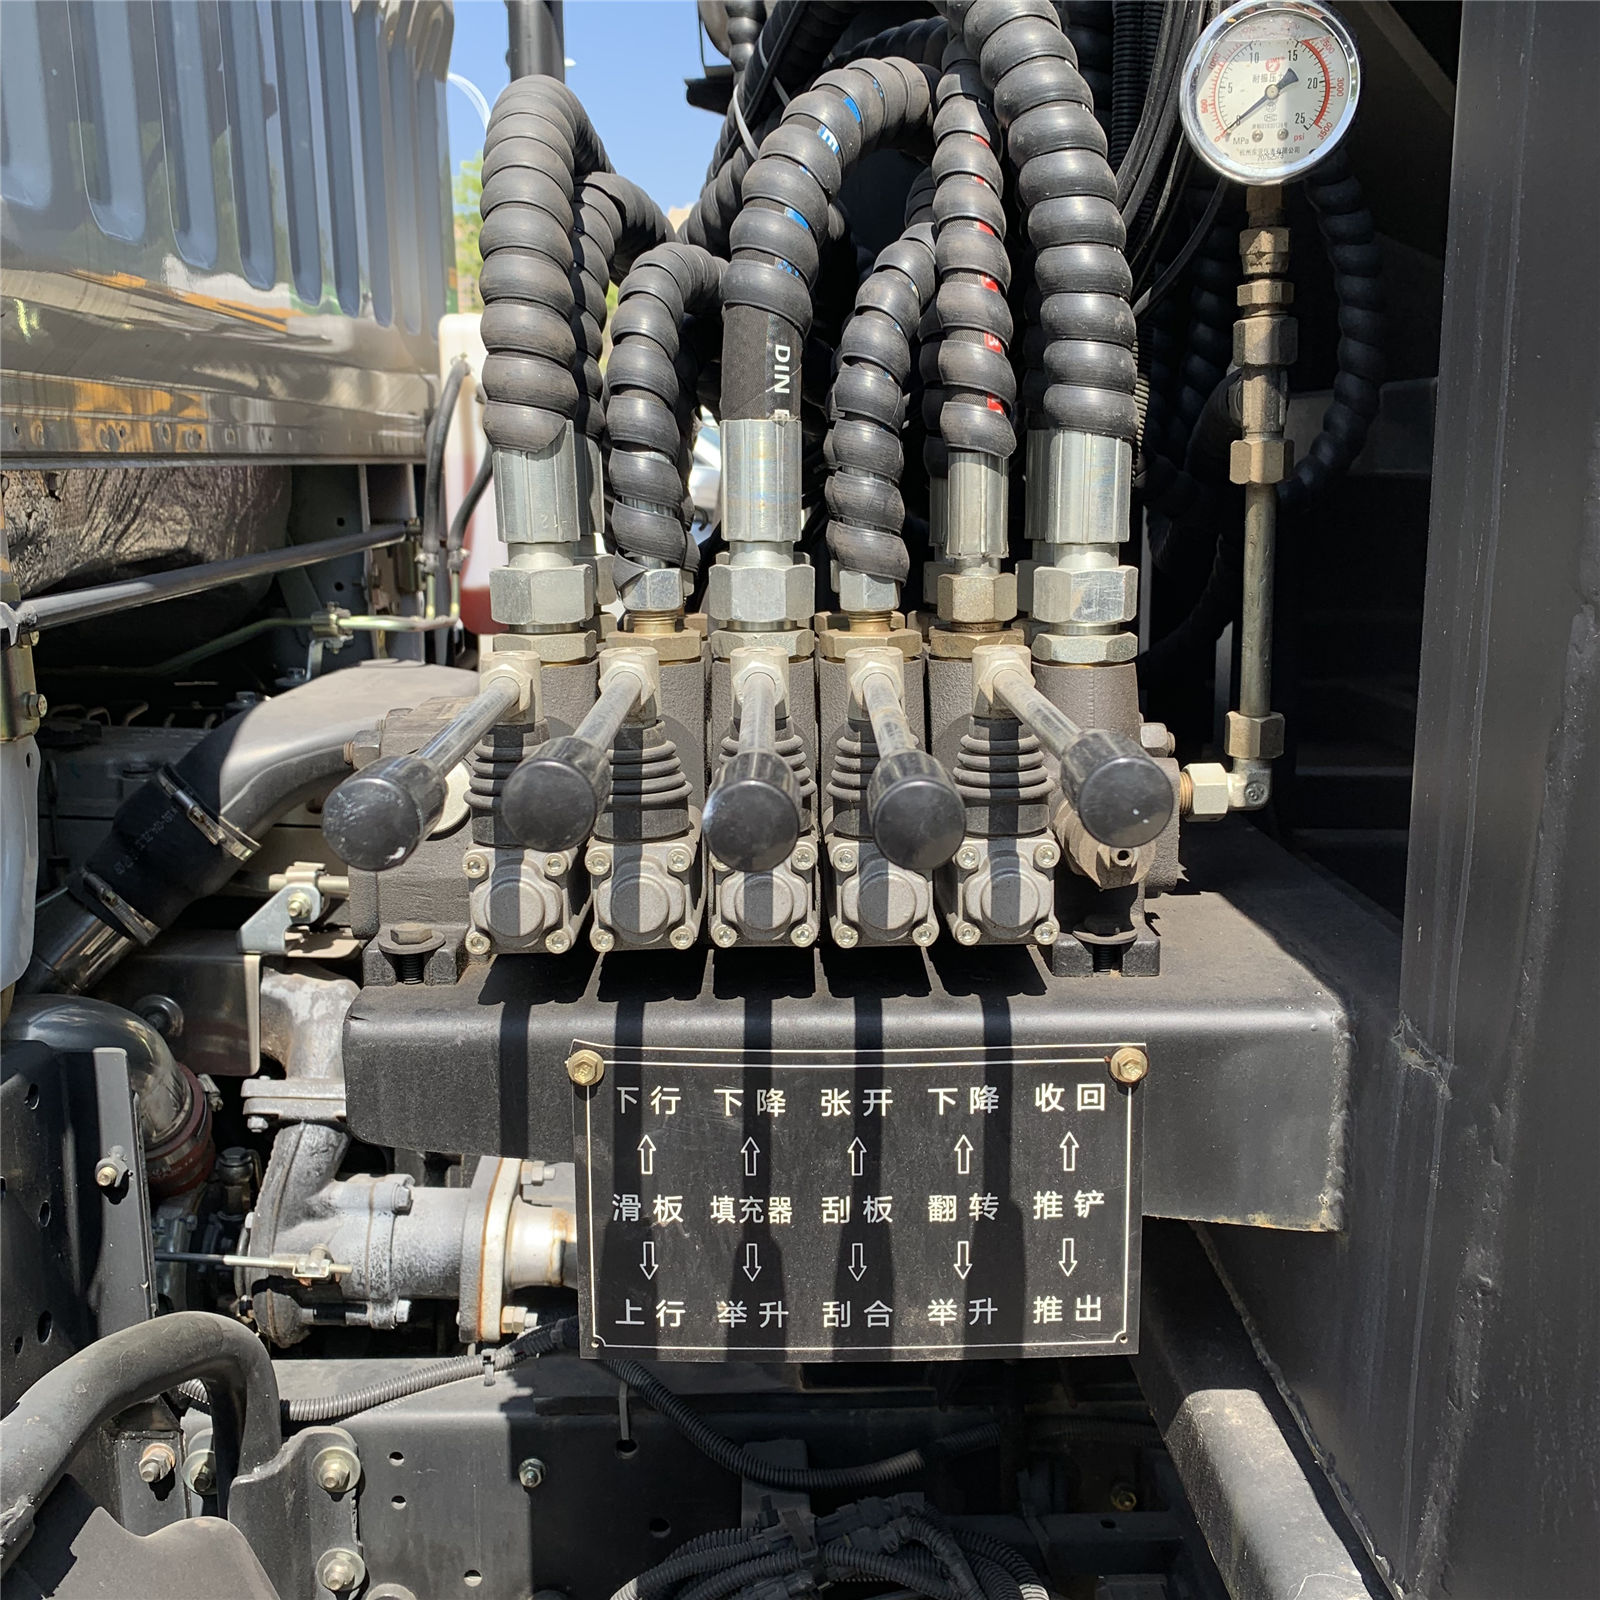 poor quality hydraulic control system